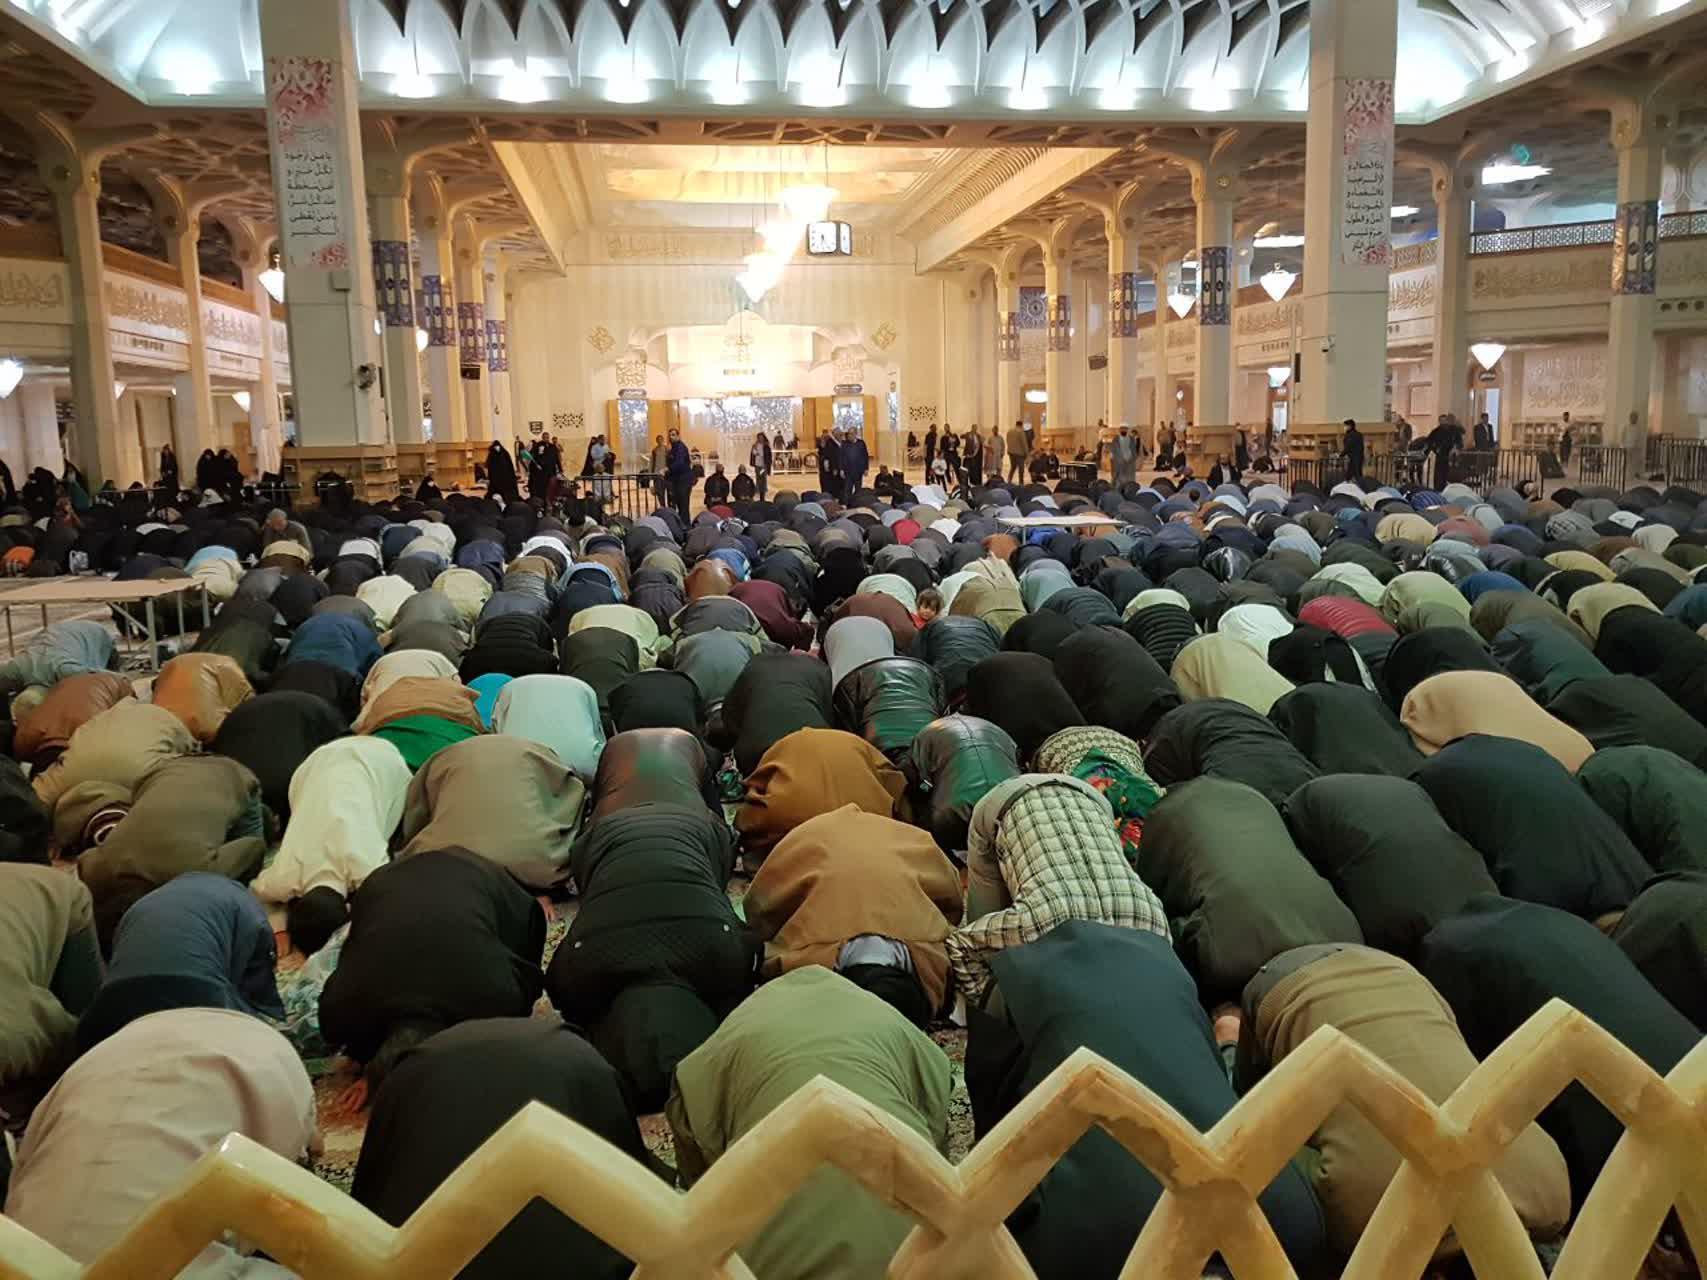 نماز جماعت در حرم حضرت معصومه(س) برپا شد/حائلهای اطراف ضریح مطهر برداشته شد +تصاویر